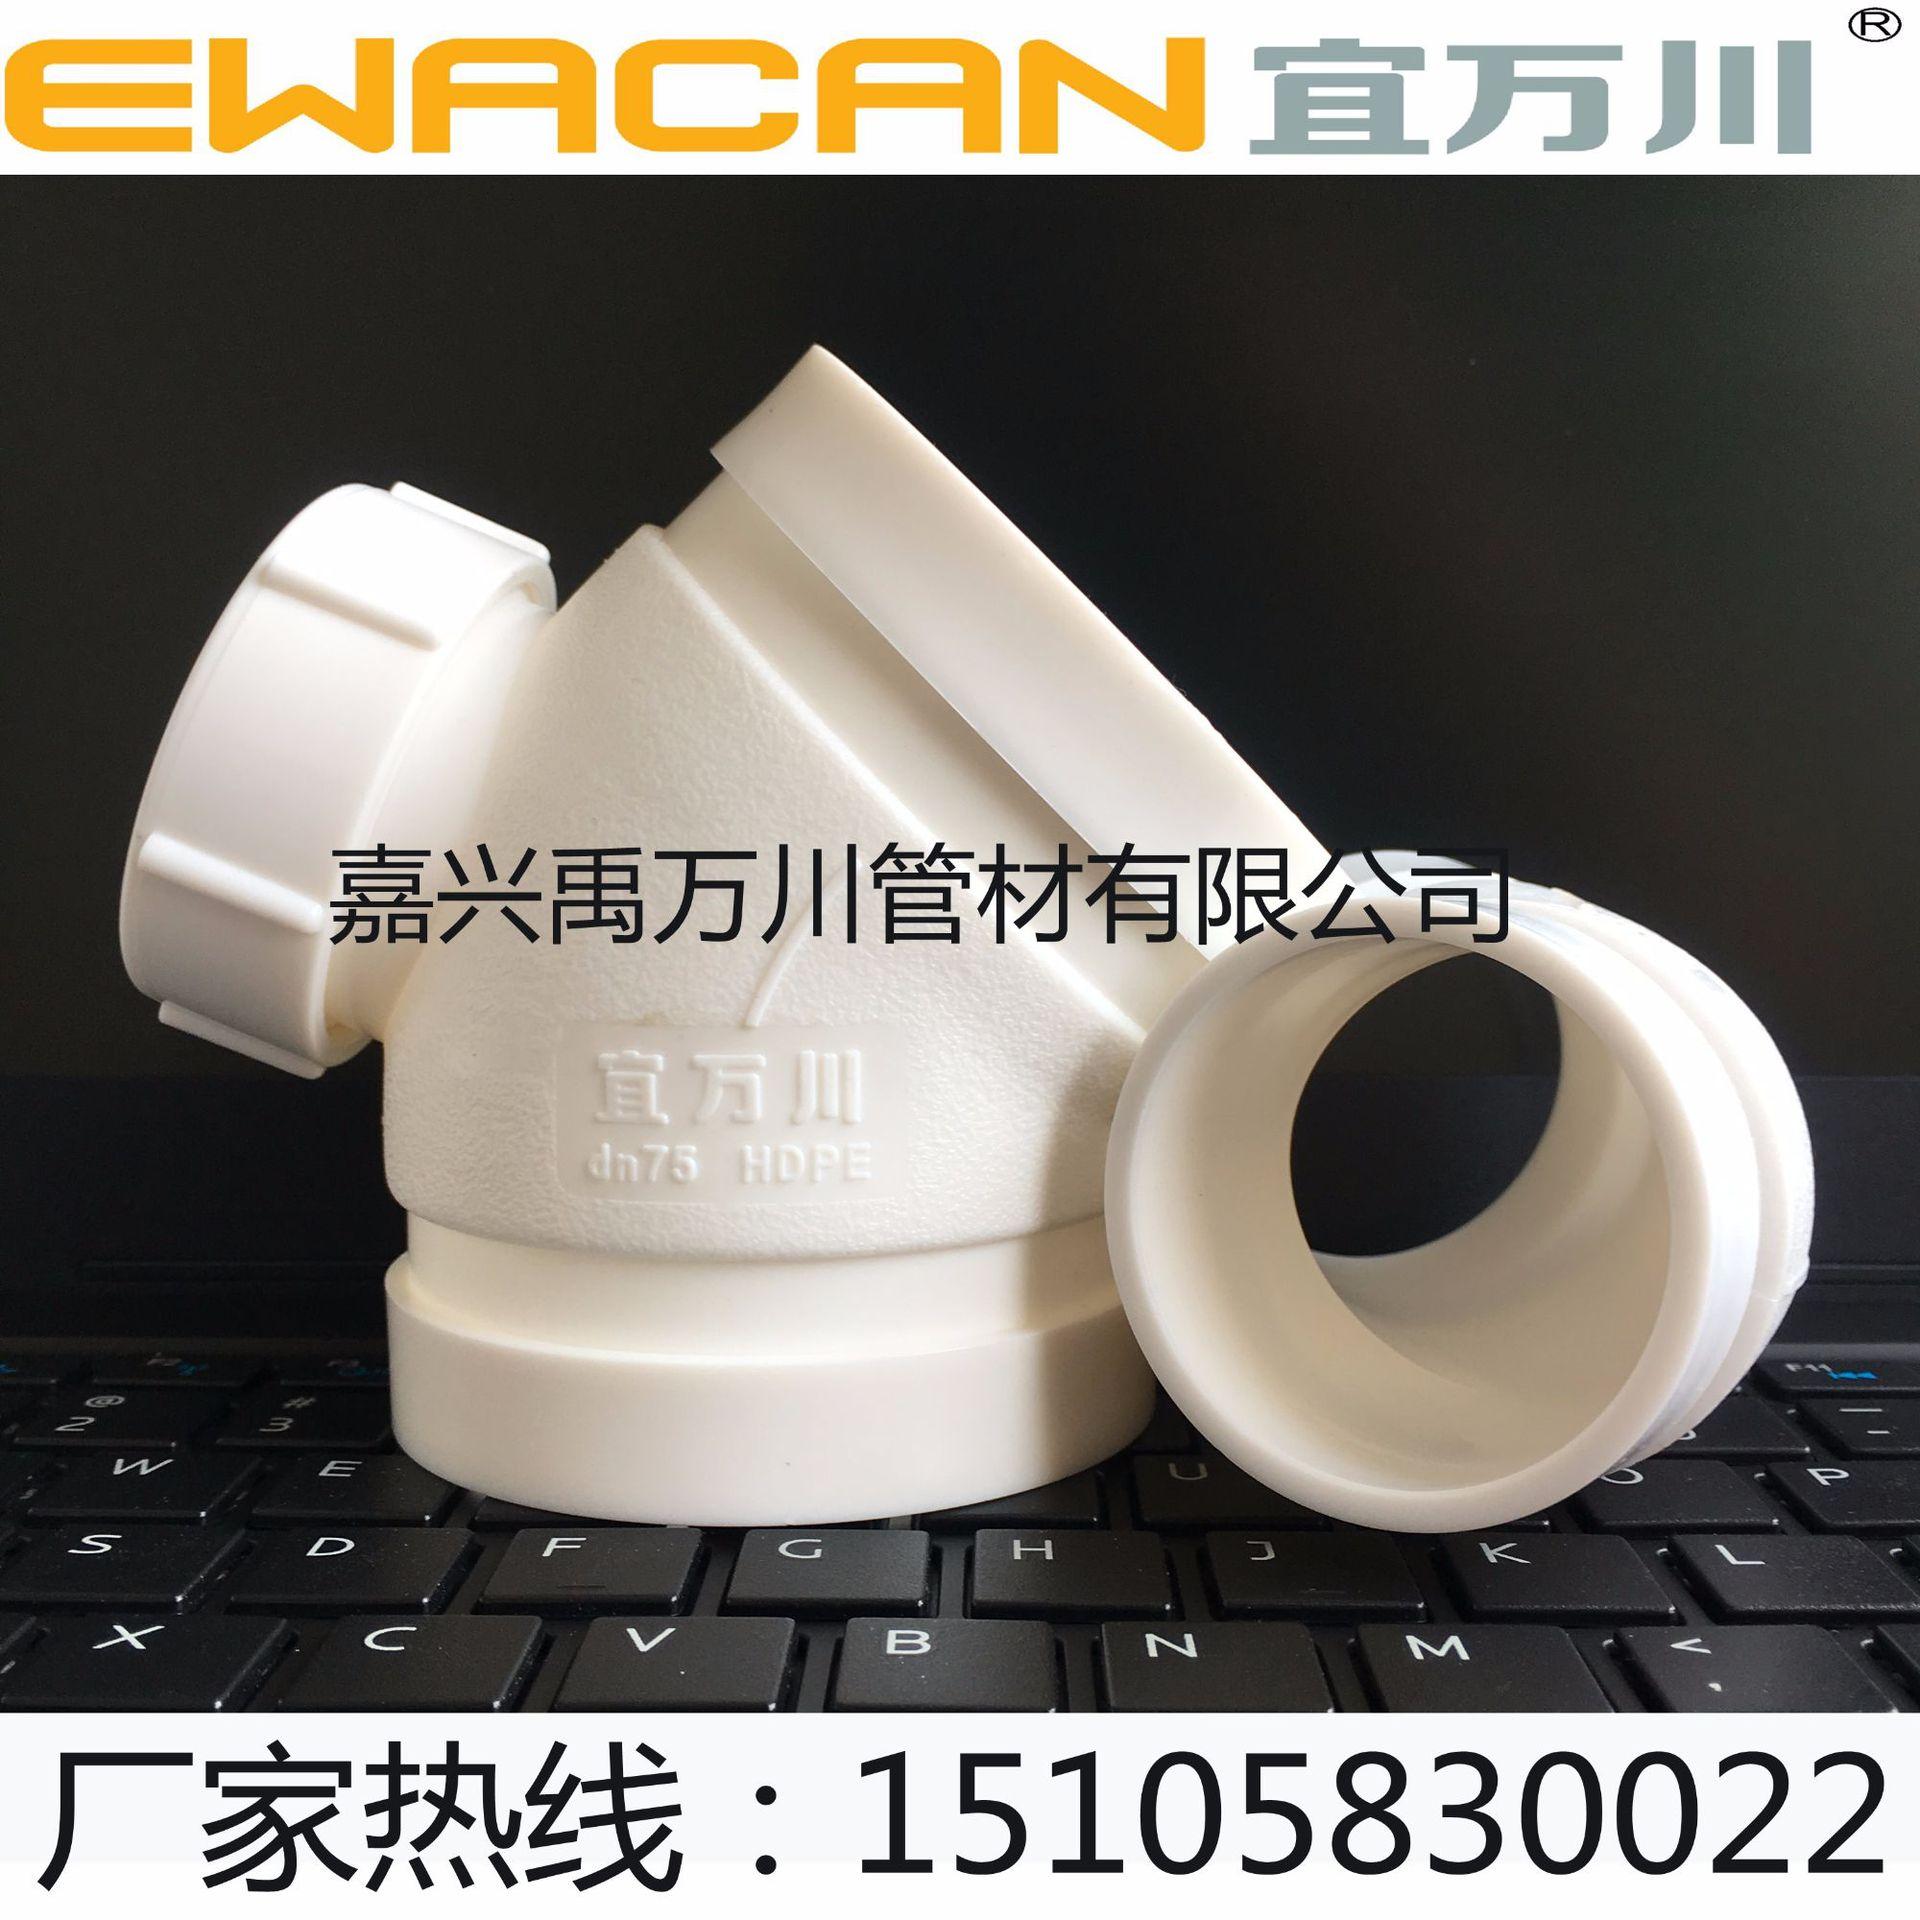 HDPE沟槽式超静音排水管,沟槽式HDPE静音排水管,沟槽柔性连接示例图3